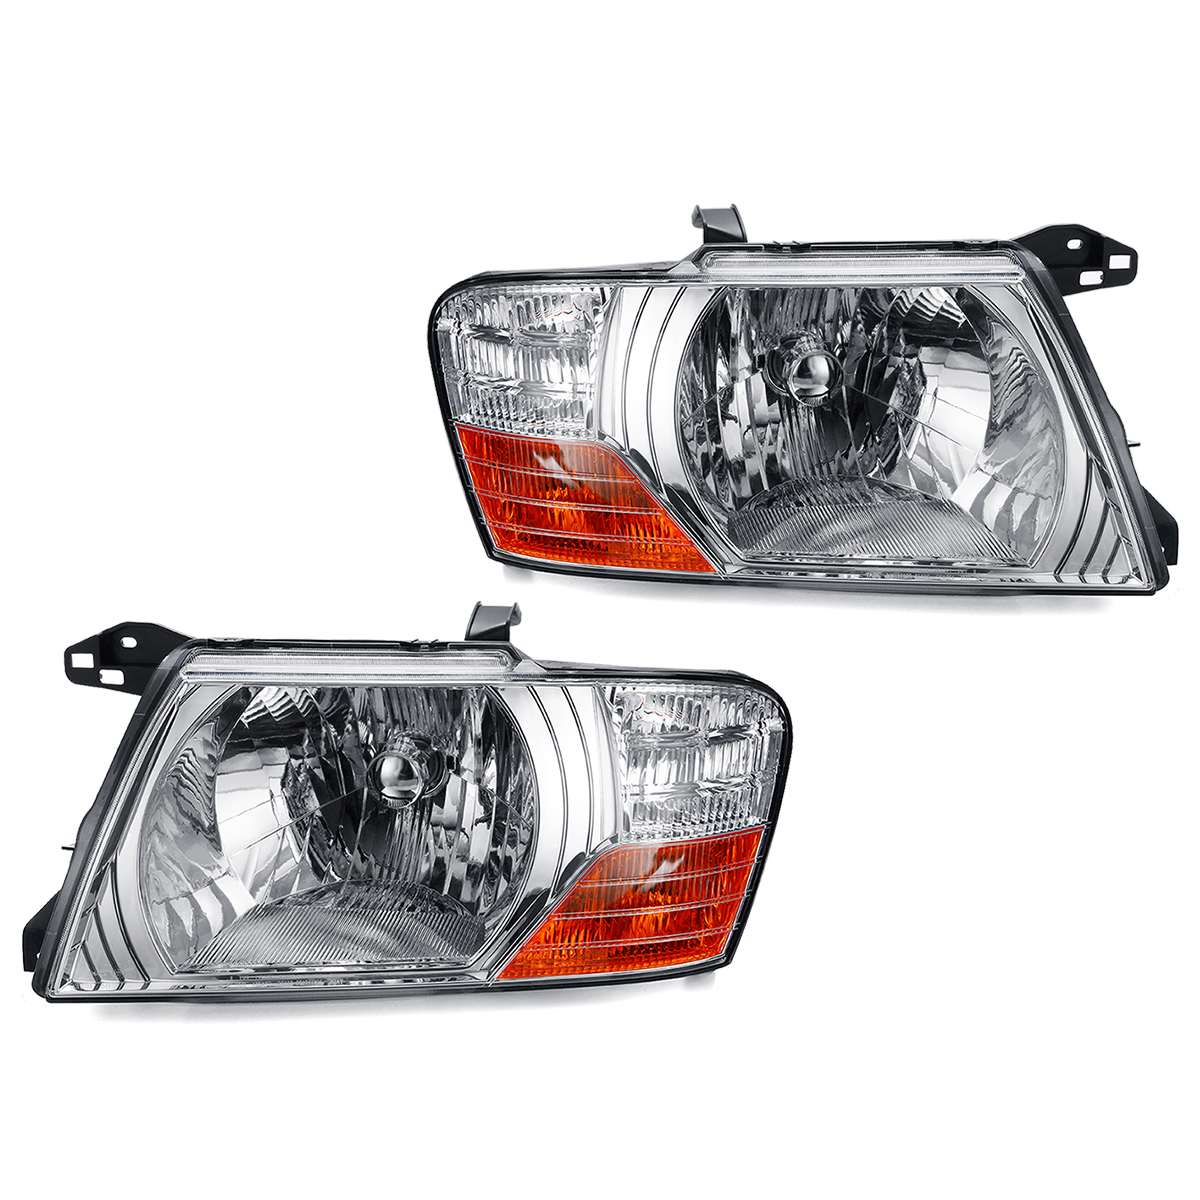 Фара комплект для освещения автомобиля для Mitsubishi Pajero Montero 2000 2001 2002 2003 2004 2005 2006 12 V аксессуары